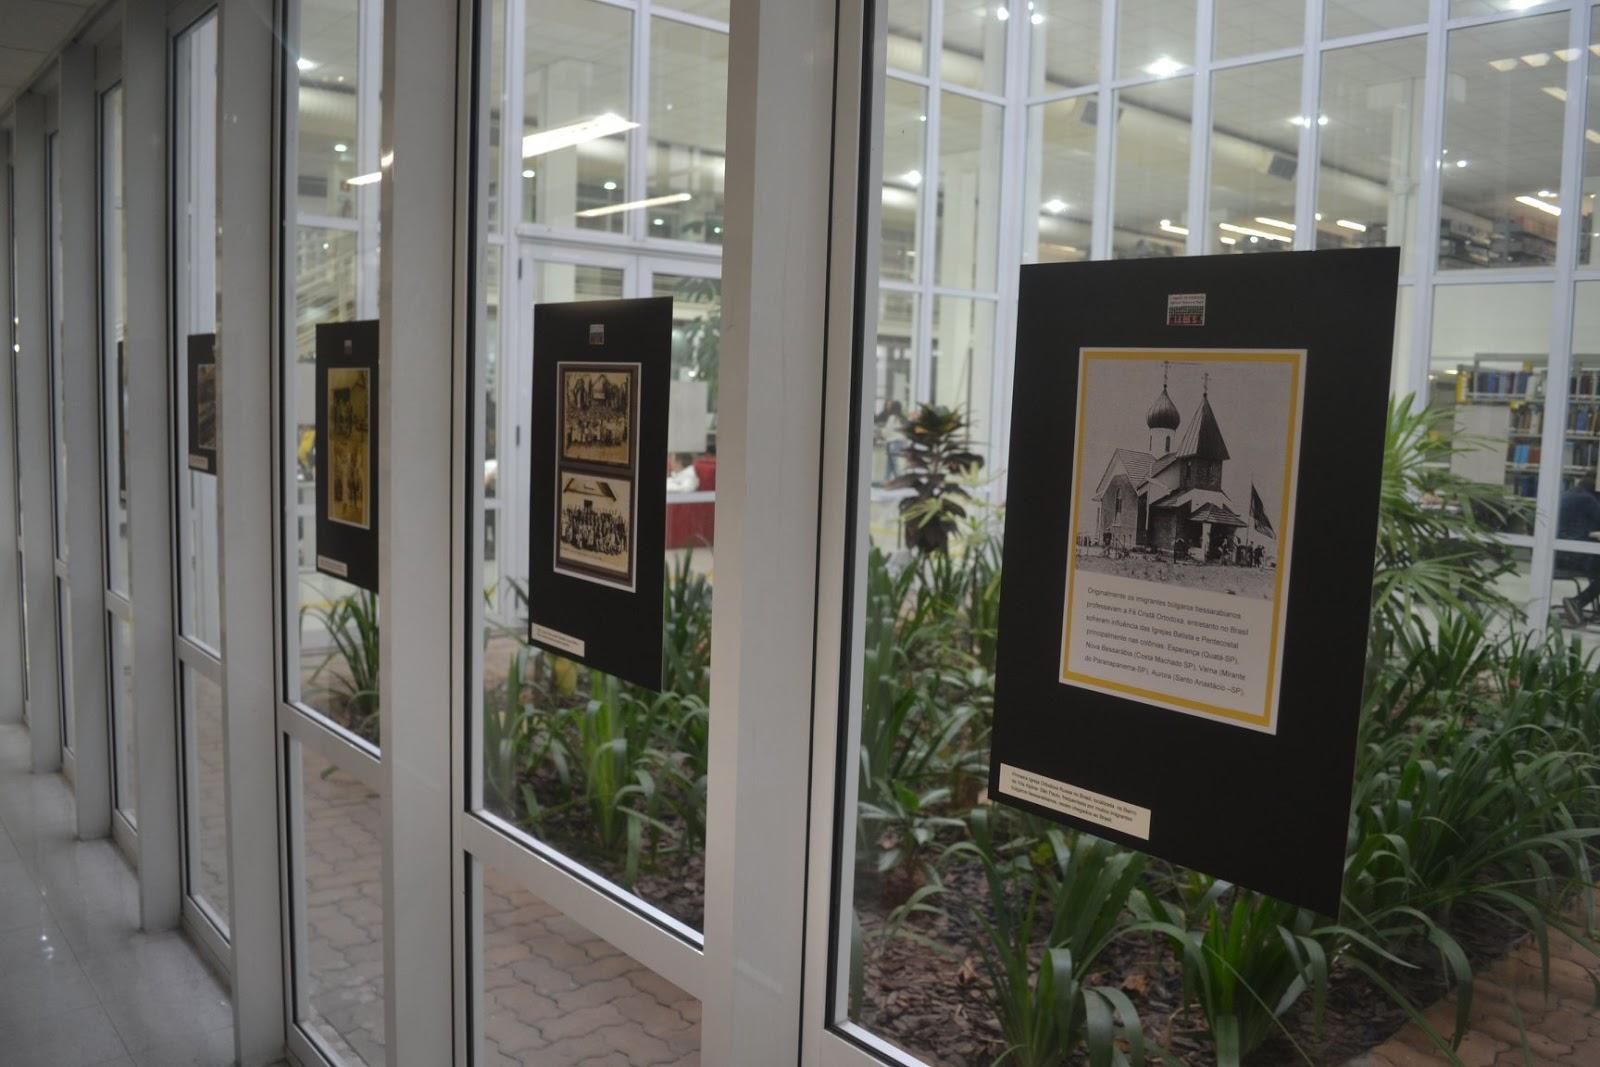 8eb8831675e Fotos da Abertura em 26 11 na Biblioteca Central da Universidade Metodista